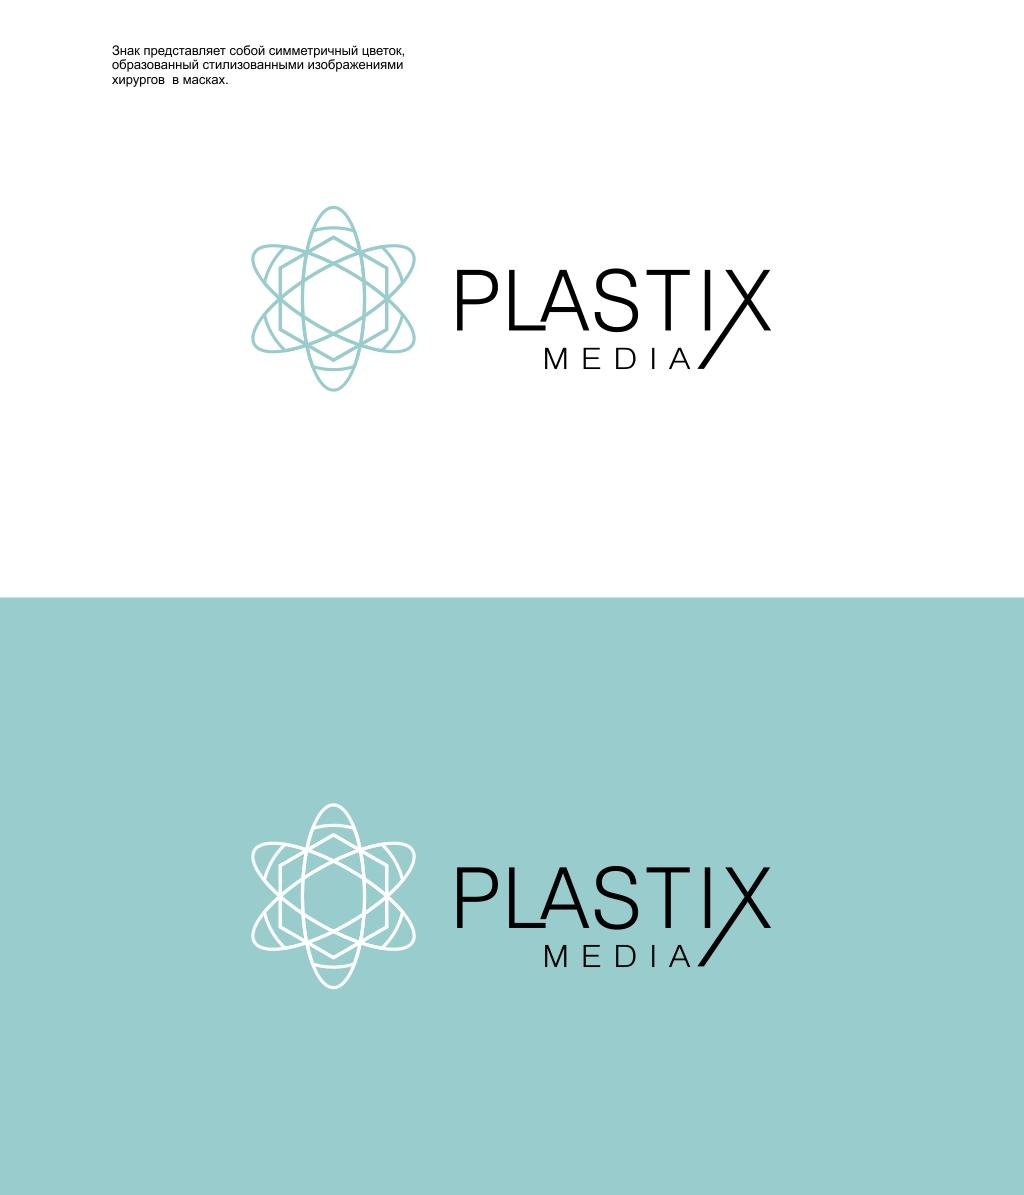 Разработка пакета айдентики Plastix.Media фото f_981599178d63b4ae.jpg